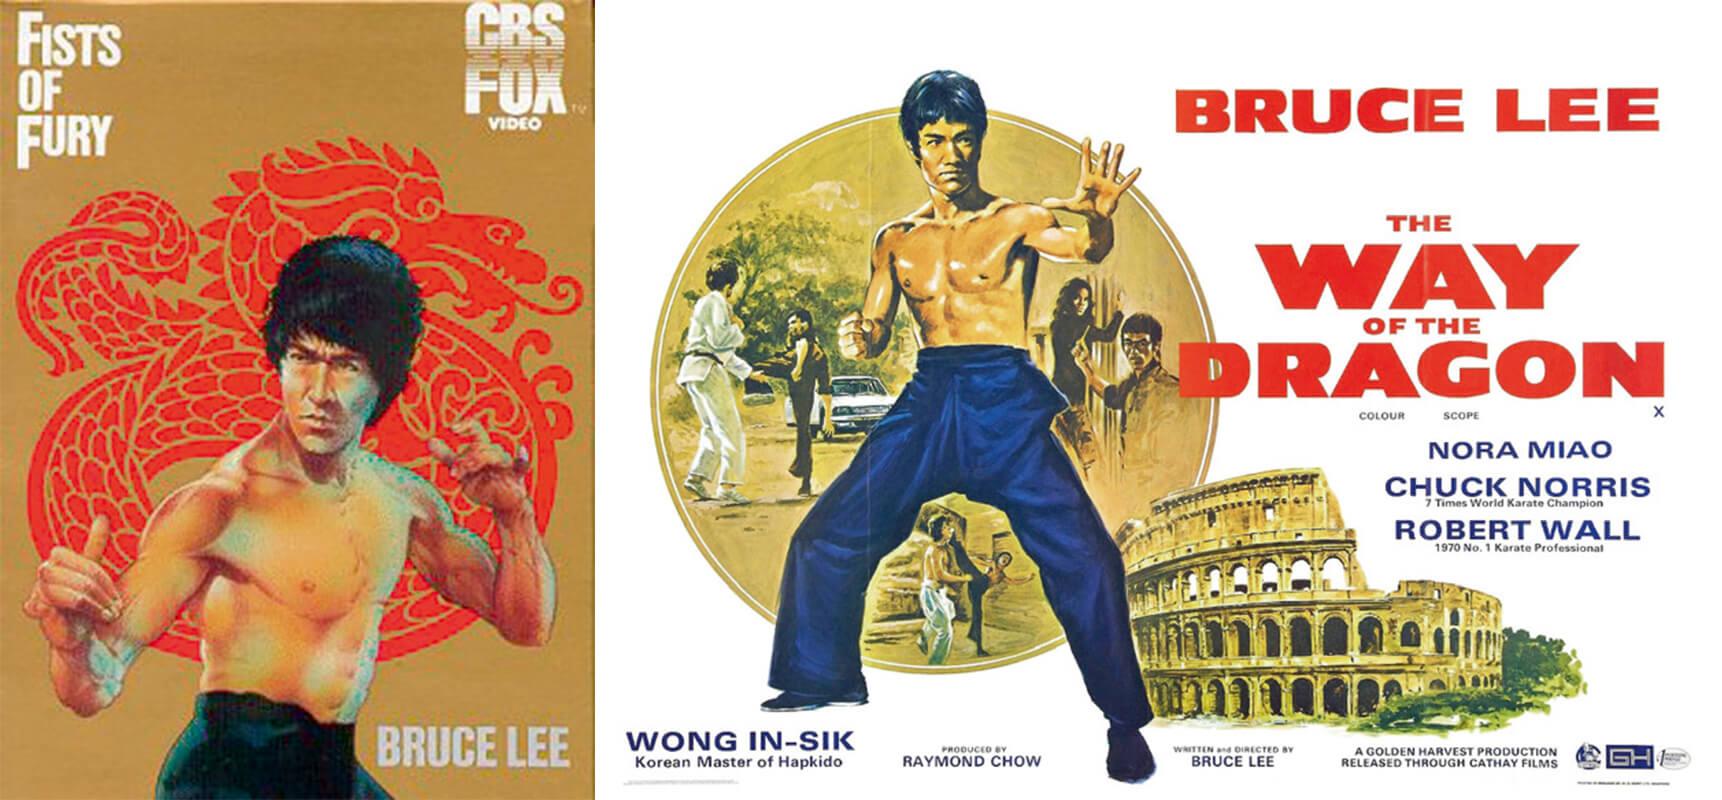 (左)歐洲發行重新繪畫的李小 龍,具西方特色,但略嫌失去李 小龍神韻。 (右)歐洲早期《猛龍過江》的 電 影 海 報沿用了港版海報的構圖, 羅馬的武打背景、合氣道高手黃 仁植與空手道高手羅禮士(Chuck Norris)成為賣埠海外的賣點。